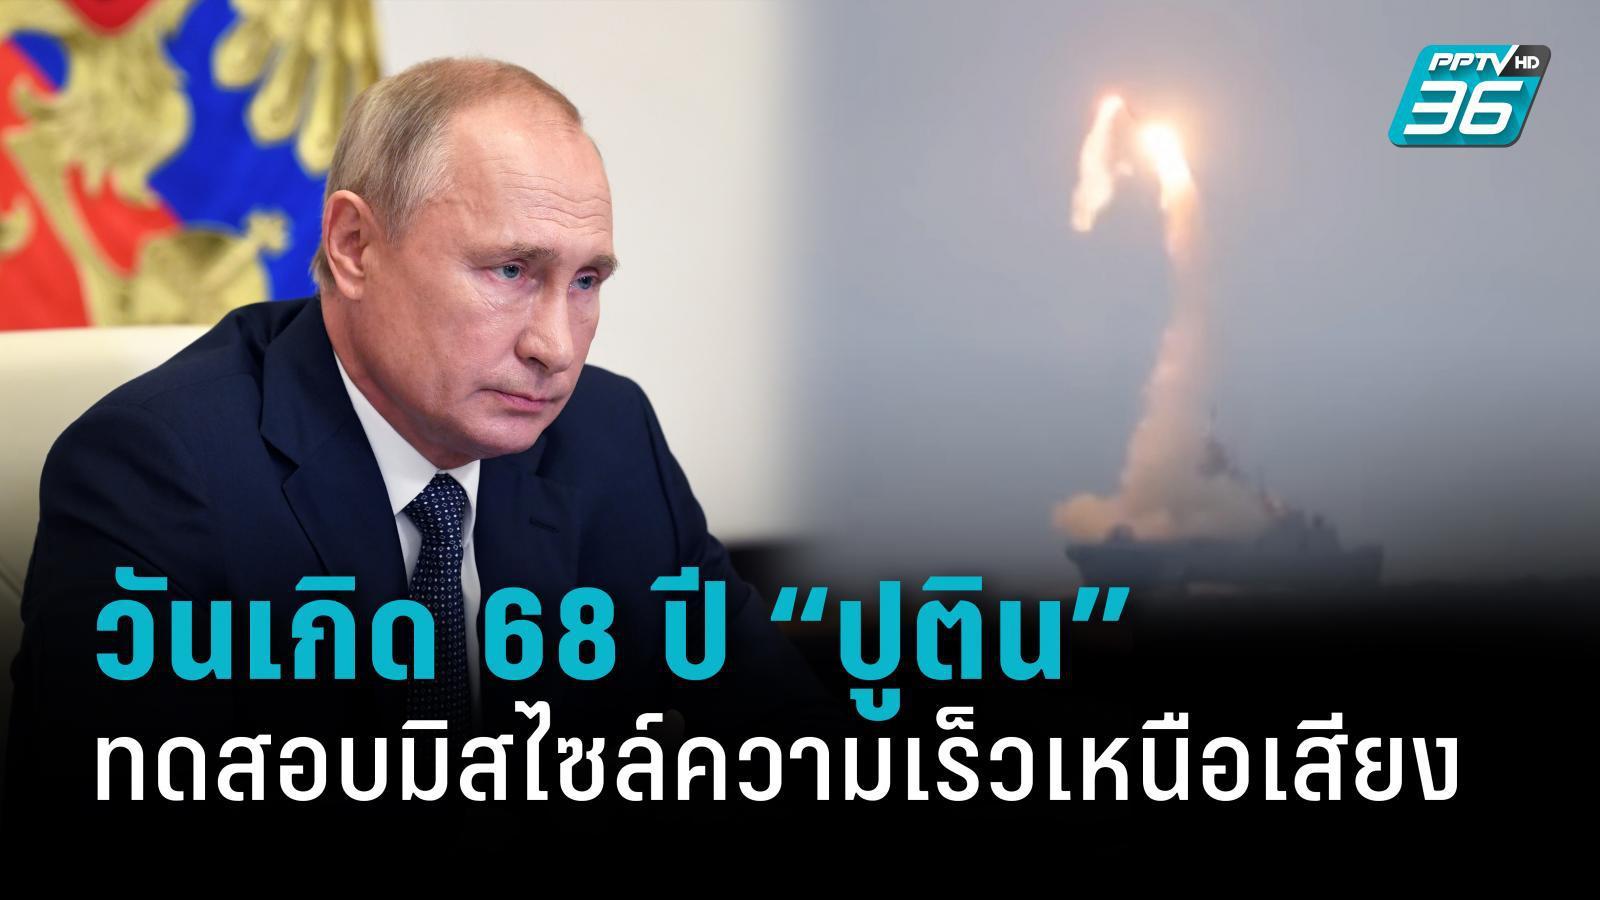 รัสเซียทดสอบมิสไซล์ไฮเปอร์โซนิก ในวันเกิดอายุ 68 ปีของ ปธน.ปูติน